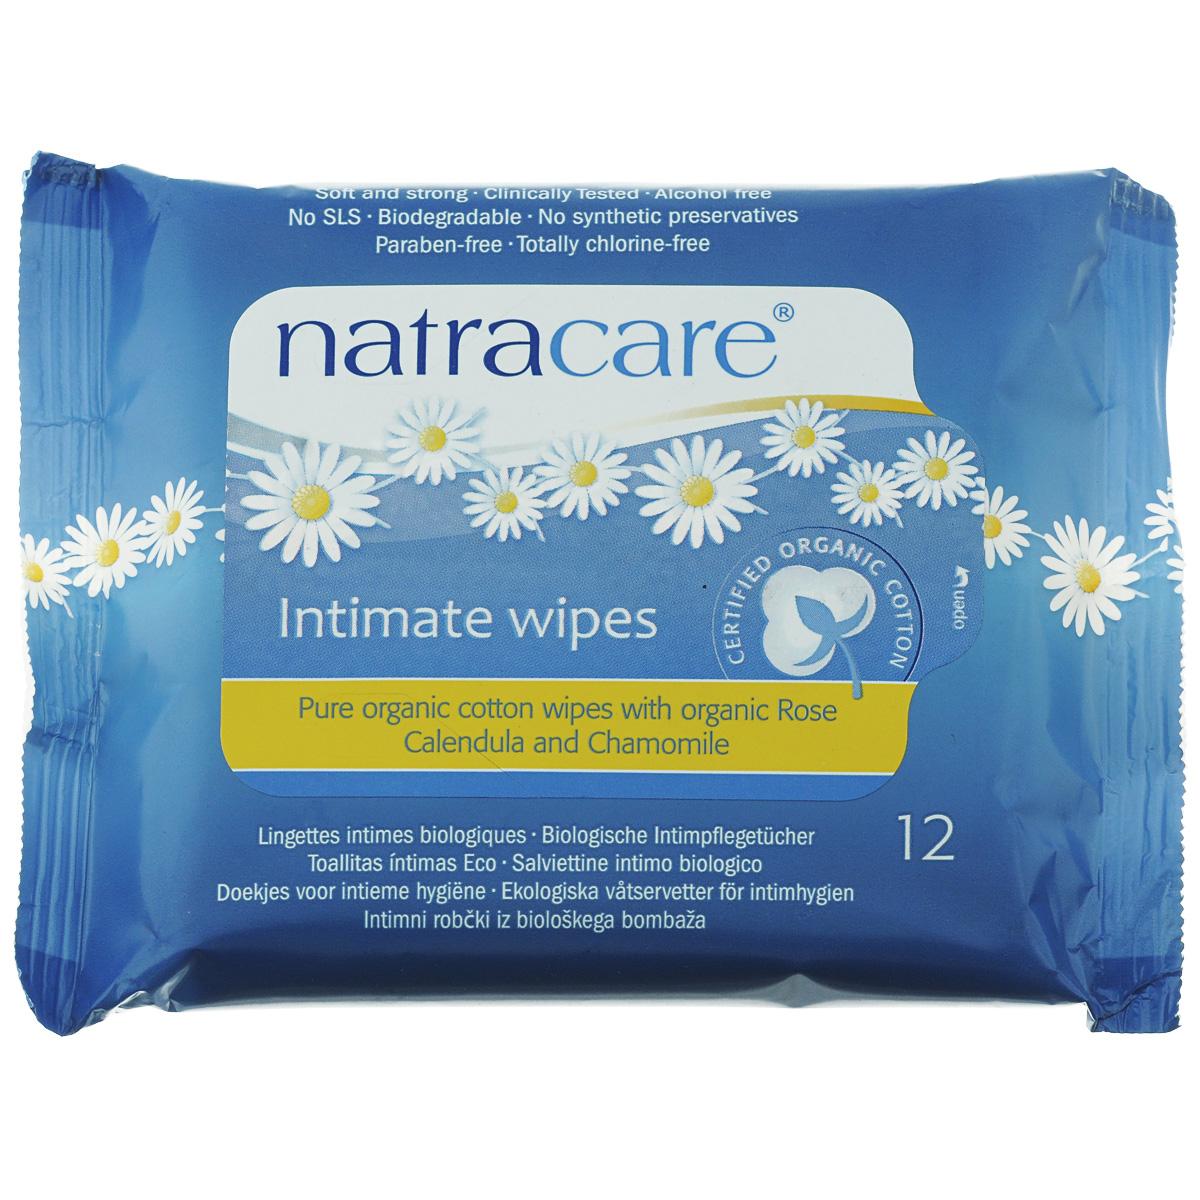 Влажные очищающие салфетки Natracare Organic Cotton для интимной гигиены, 12 штAD-83710490Влажные очищающие салфетки Natracare Organic Cotton предназначены для ежедневной интимной гигиены, будут необходимы во время путешествий. Салфетки, обогащенные Био эфирными маслами, изготовлены из 100% Био-хлопка, не содержат вредные ингредиенты, не отбелены хлором, и полностью разлагаются после применения. Мягкие, прочные и клинически протестированные салфетки Natracare Organic Cotton очищают и освежают, оставляя кожу мягкой. Характеристики: Состав: 100% БИО-хлопок, эфирные масла Био-ромашки и Био-календулы, глицерин. Количество салфеток: 12 шт. Размер упаковки: 14 см х 10,5 см х 2 см. Производитель: Великобритания. Изготовитель: Греция. Артикул: 782126200150.Товар сертифицирован.Компания Bodywise была создана в Великобритании в 1989 году. На сегодняшний день она имеет представительства более чем в 40 странах мира. Компания Bodywise предлагает экологически чистые гигиенические средства для женщин.Серия Natracare представляет более 20 наименований средств персональной гигиены высокого качества.Женские гигиенические средства Natracare были созданы Сюзи Хьюсон в 1989 году в результате обеспокоенности разрушающим эффектом, который оказывает загрязнение диоксинами на здоровье женщин. На сегодняшний день разработан большой диапазон по-настоящему био и натуральных продуктов для женщин и детей. Продукция Natracare является продукцией, рекомендованной врачами-гинекологами.